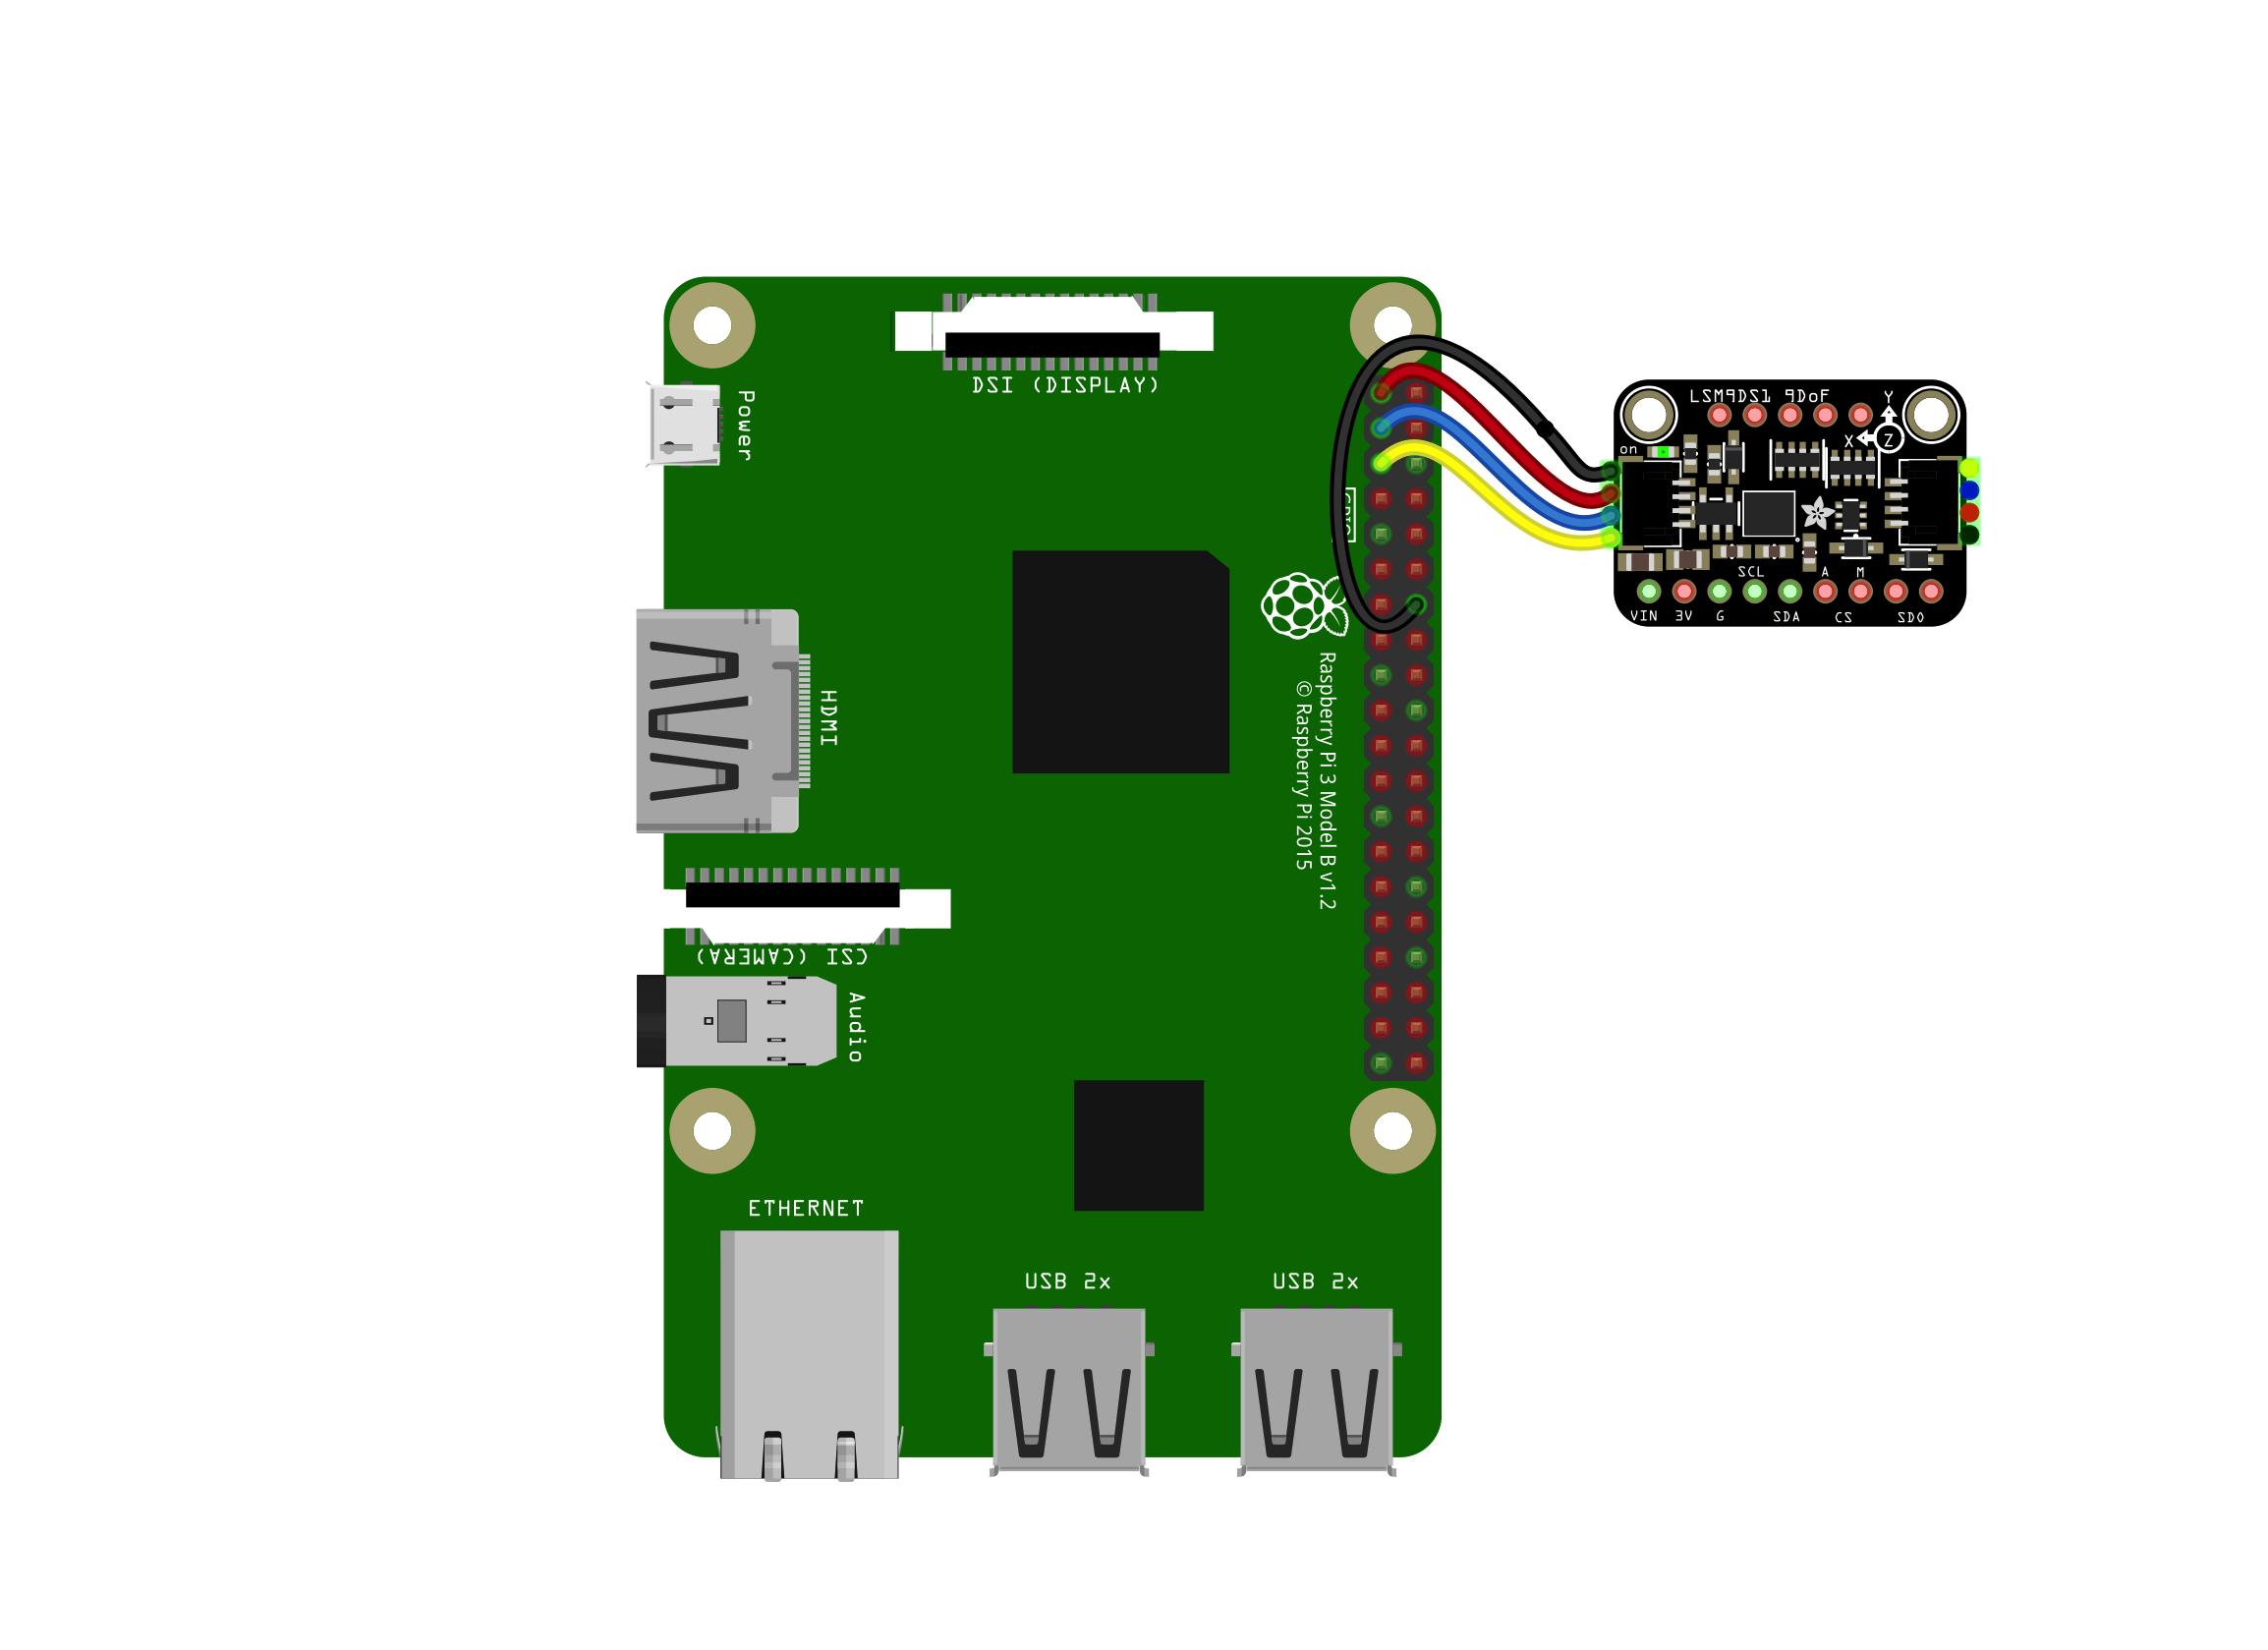 sensors_d_rpi_wiring_a_qt.png